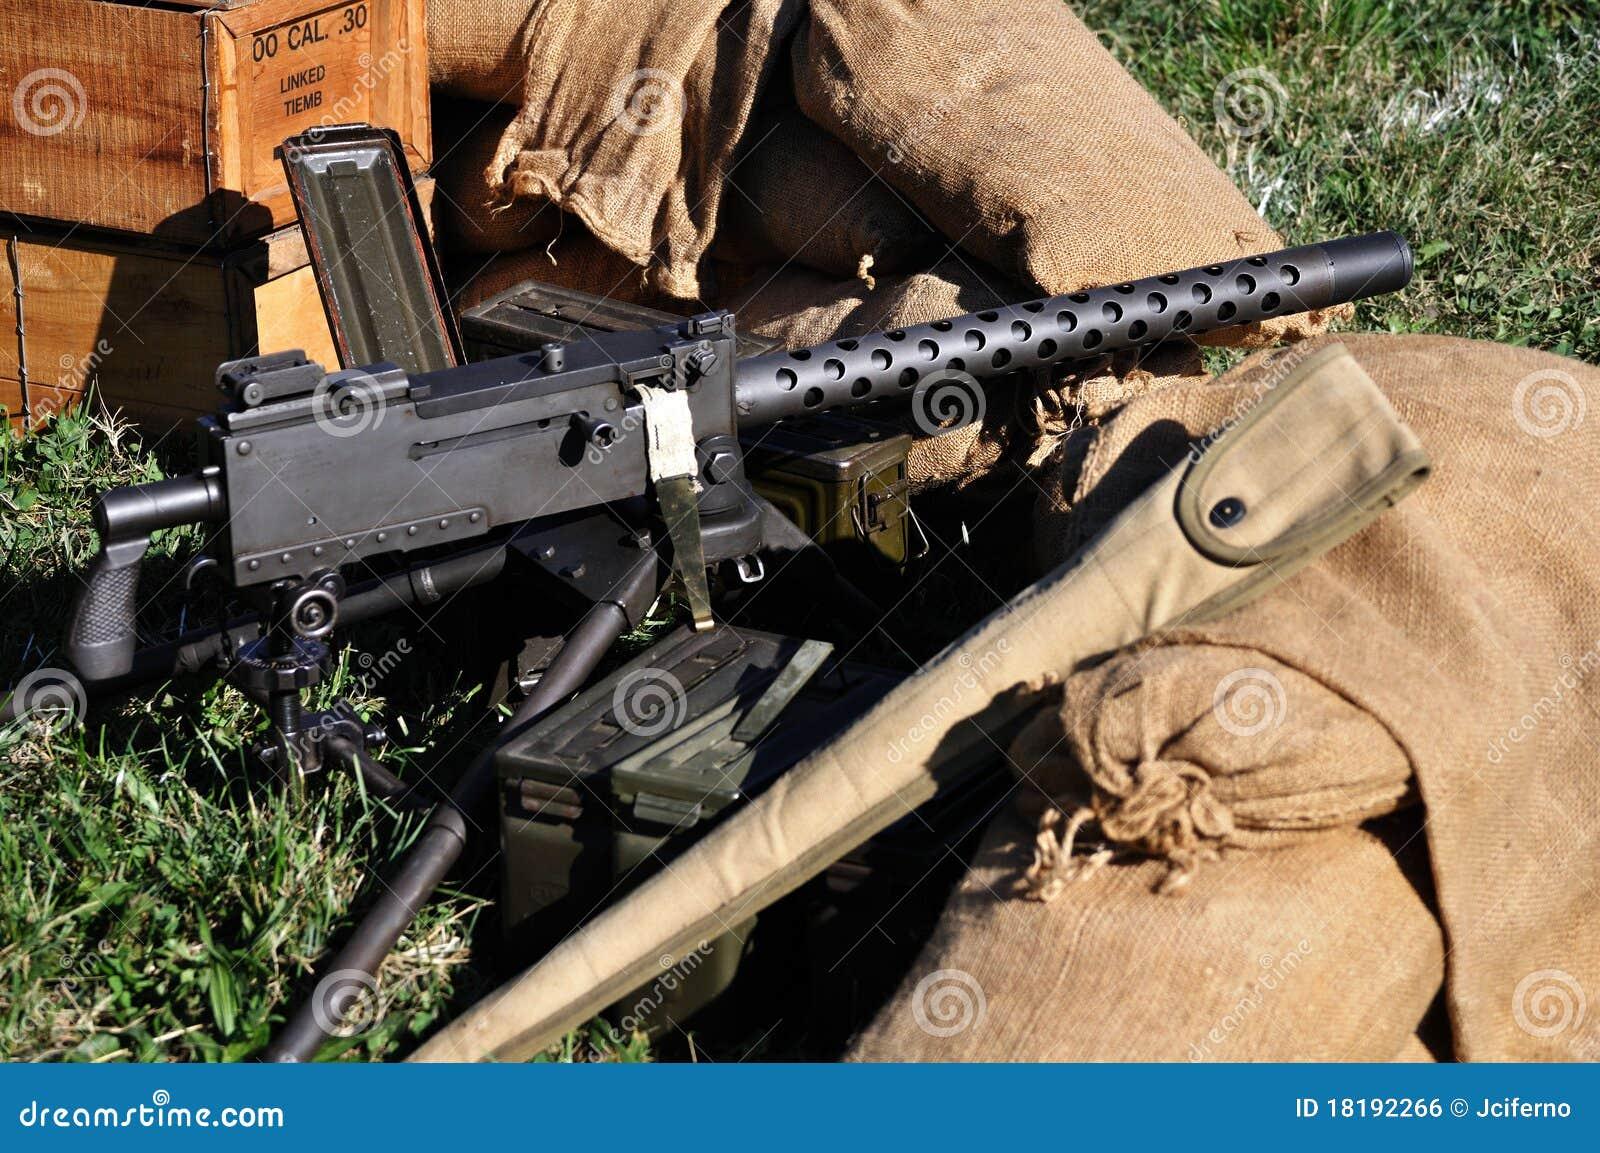 machine gun one more time